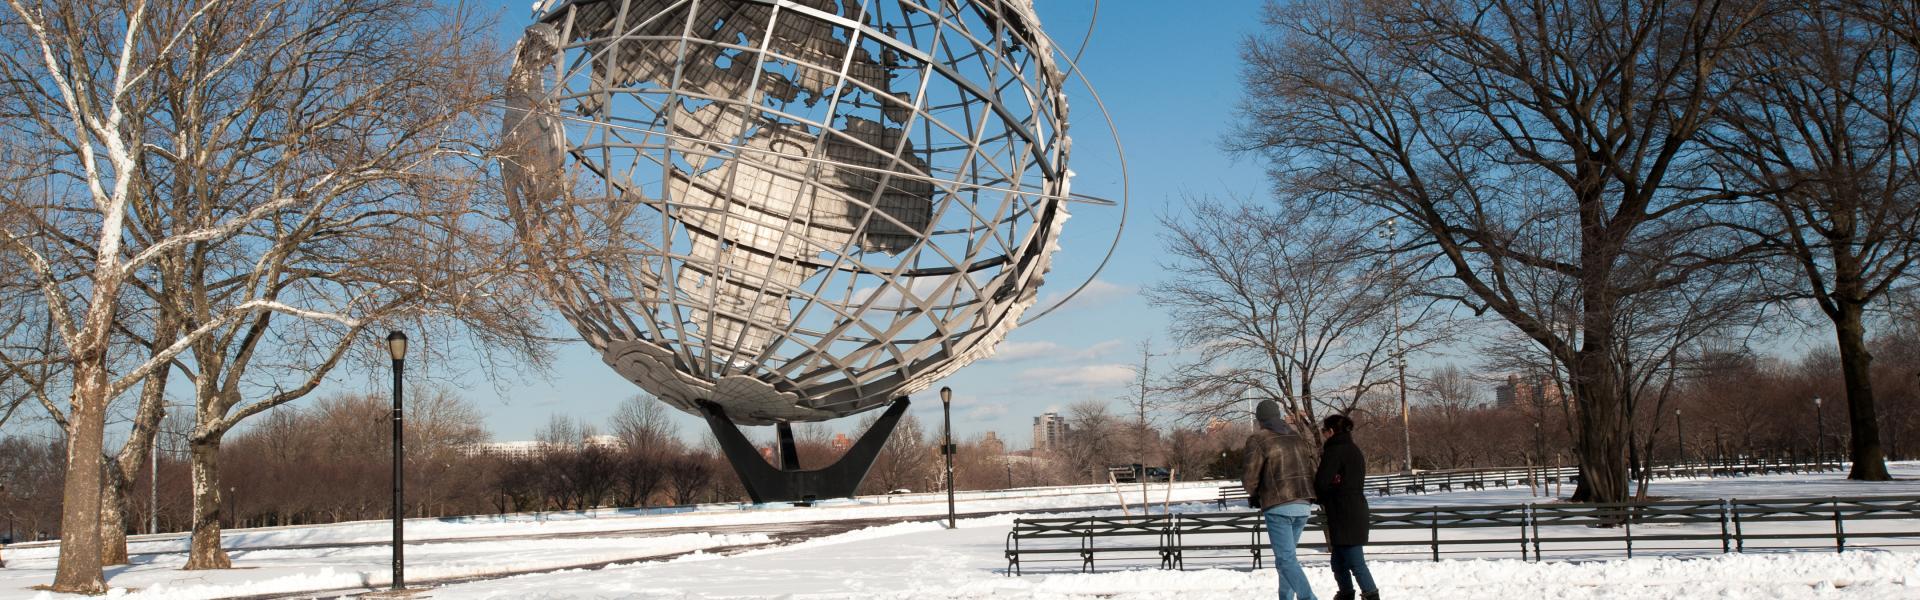 Unisphere, Winter, Snow, Daytime